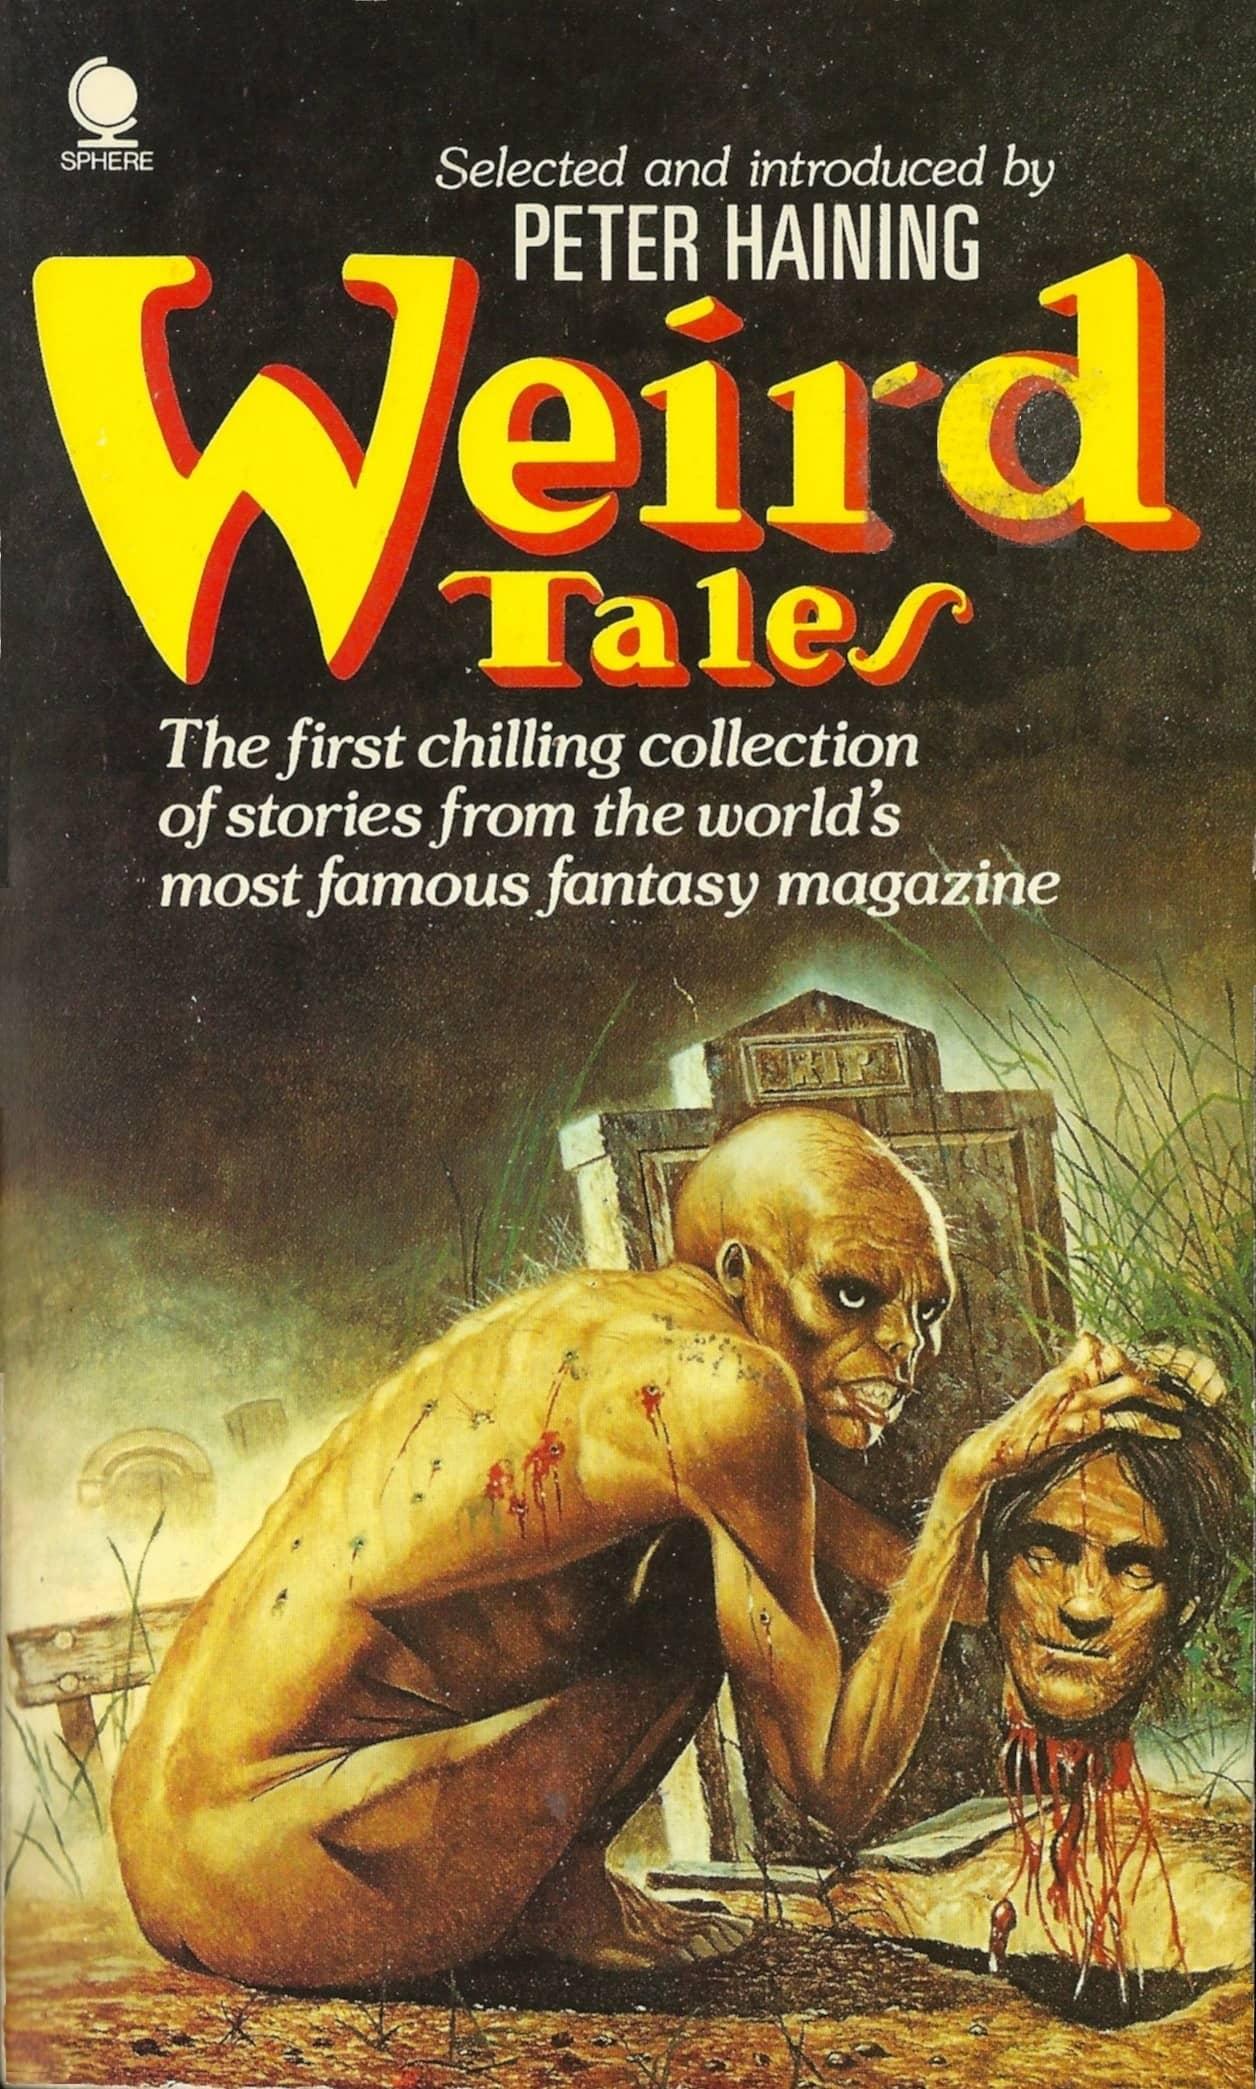 Weird-Tales-Peter-Haining.jpg